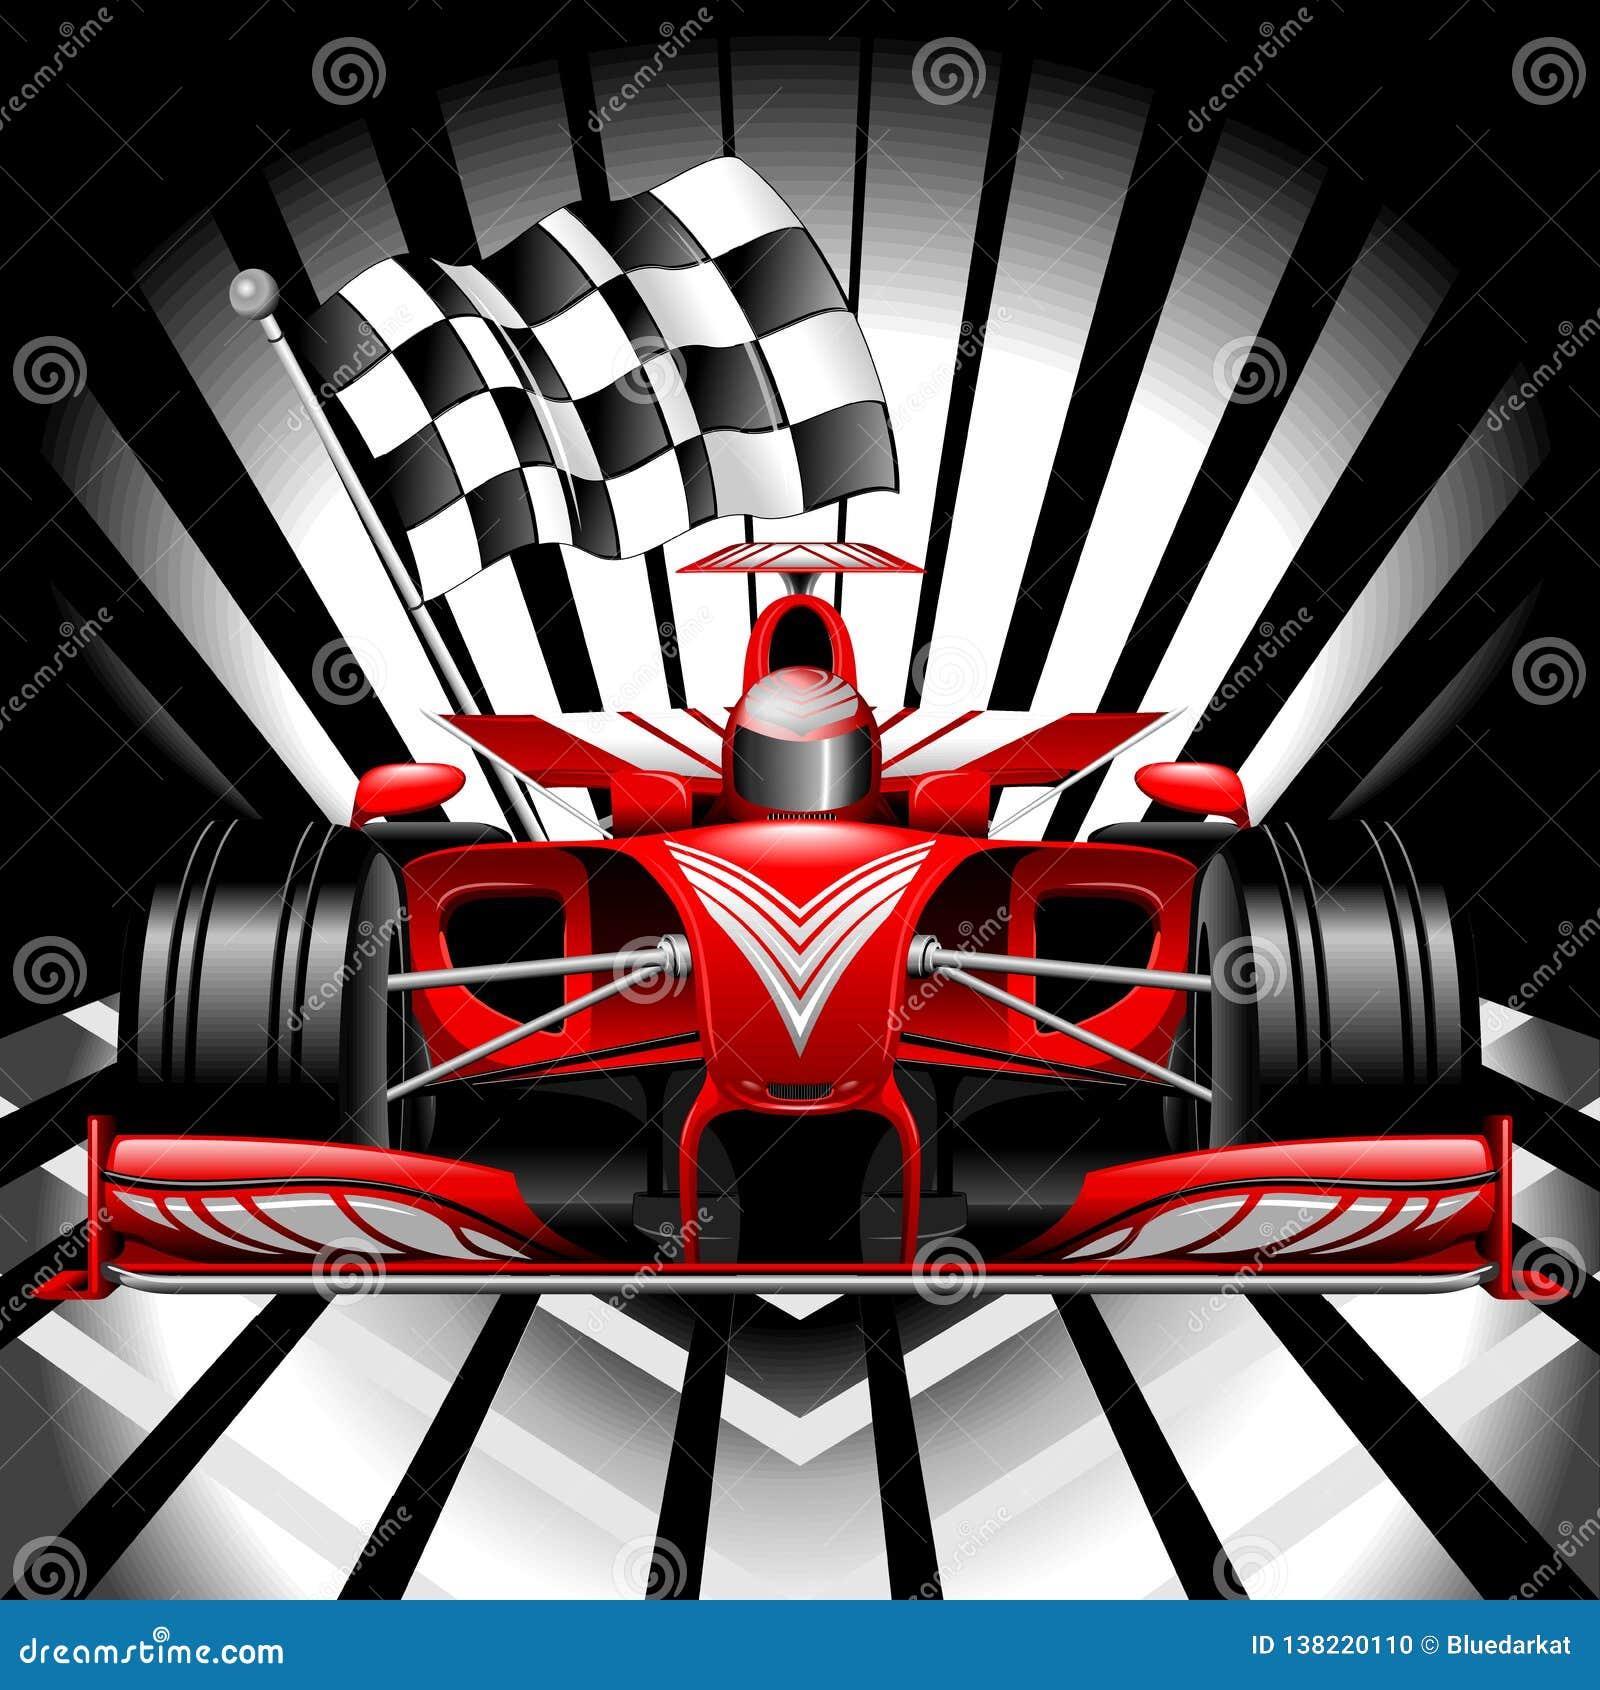 Formuły 1 Czerwony samochód wyścigowy z W kratkę flagą na Czarnej tło wektoru ilustracji